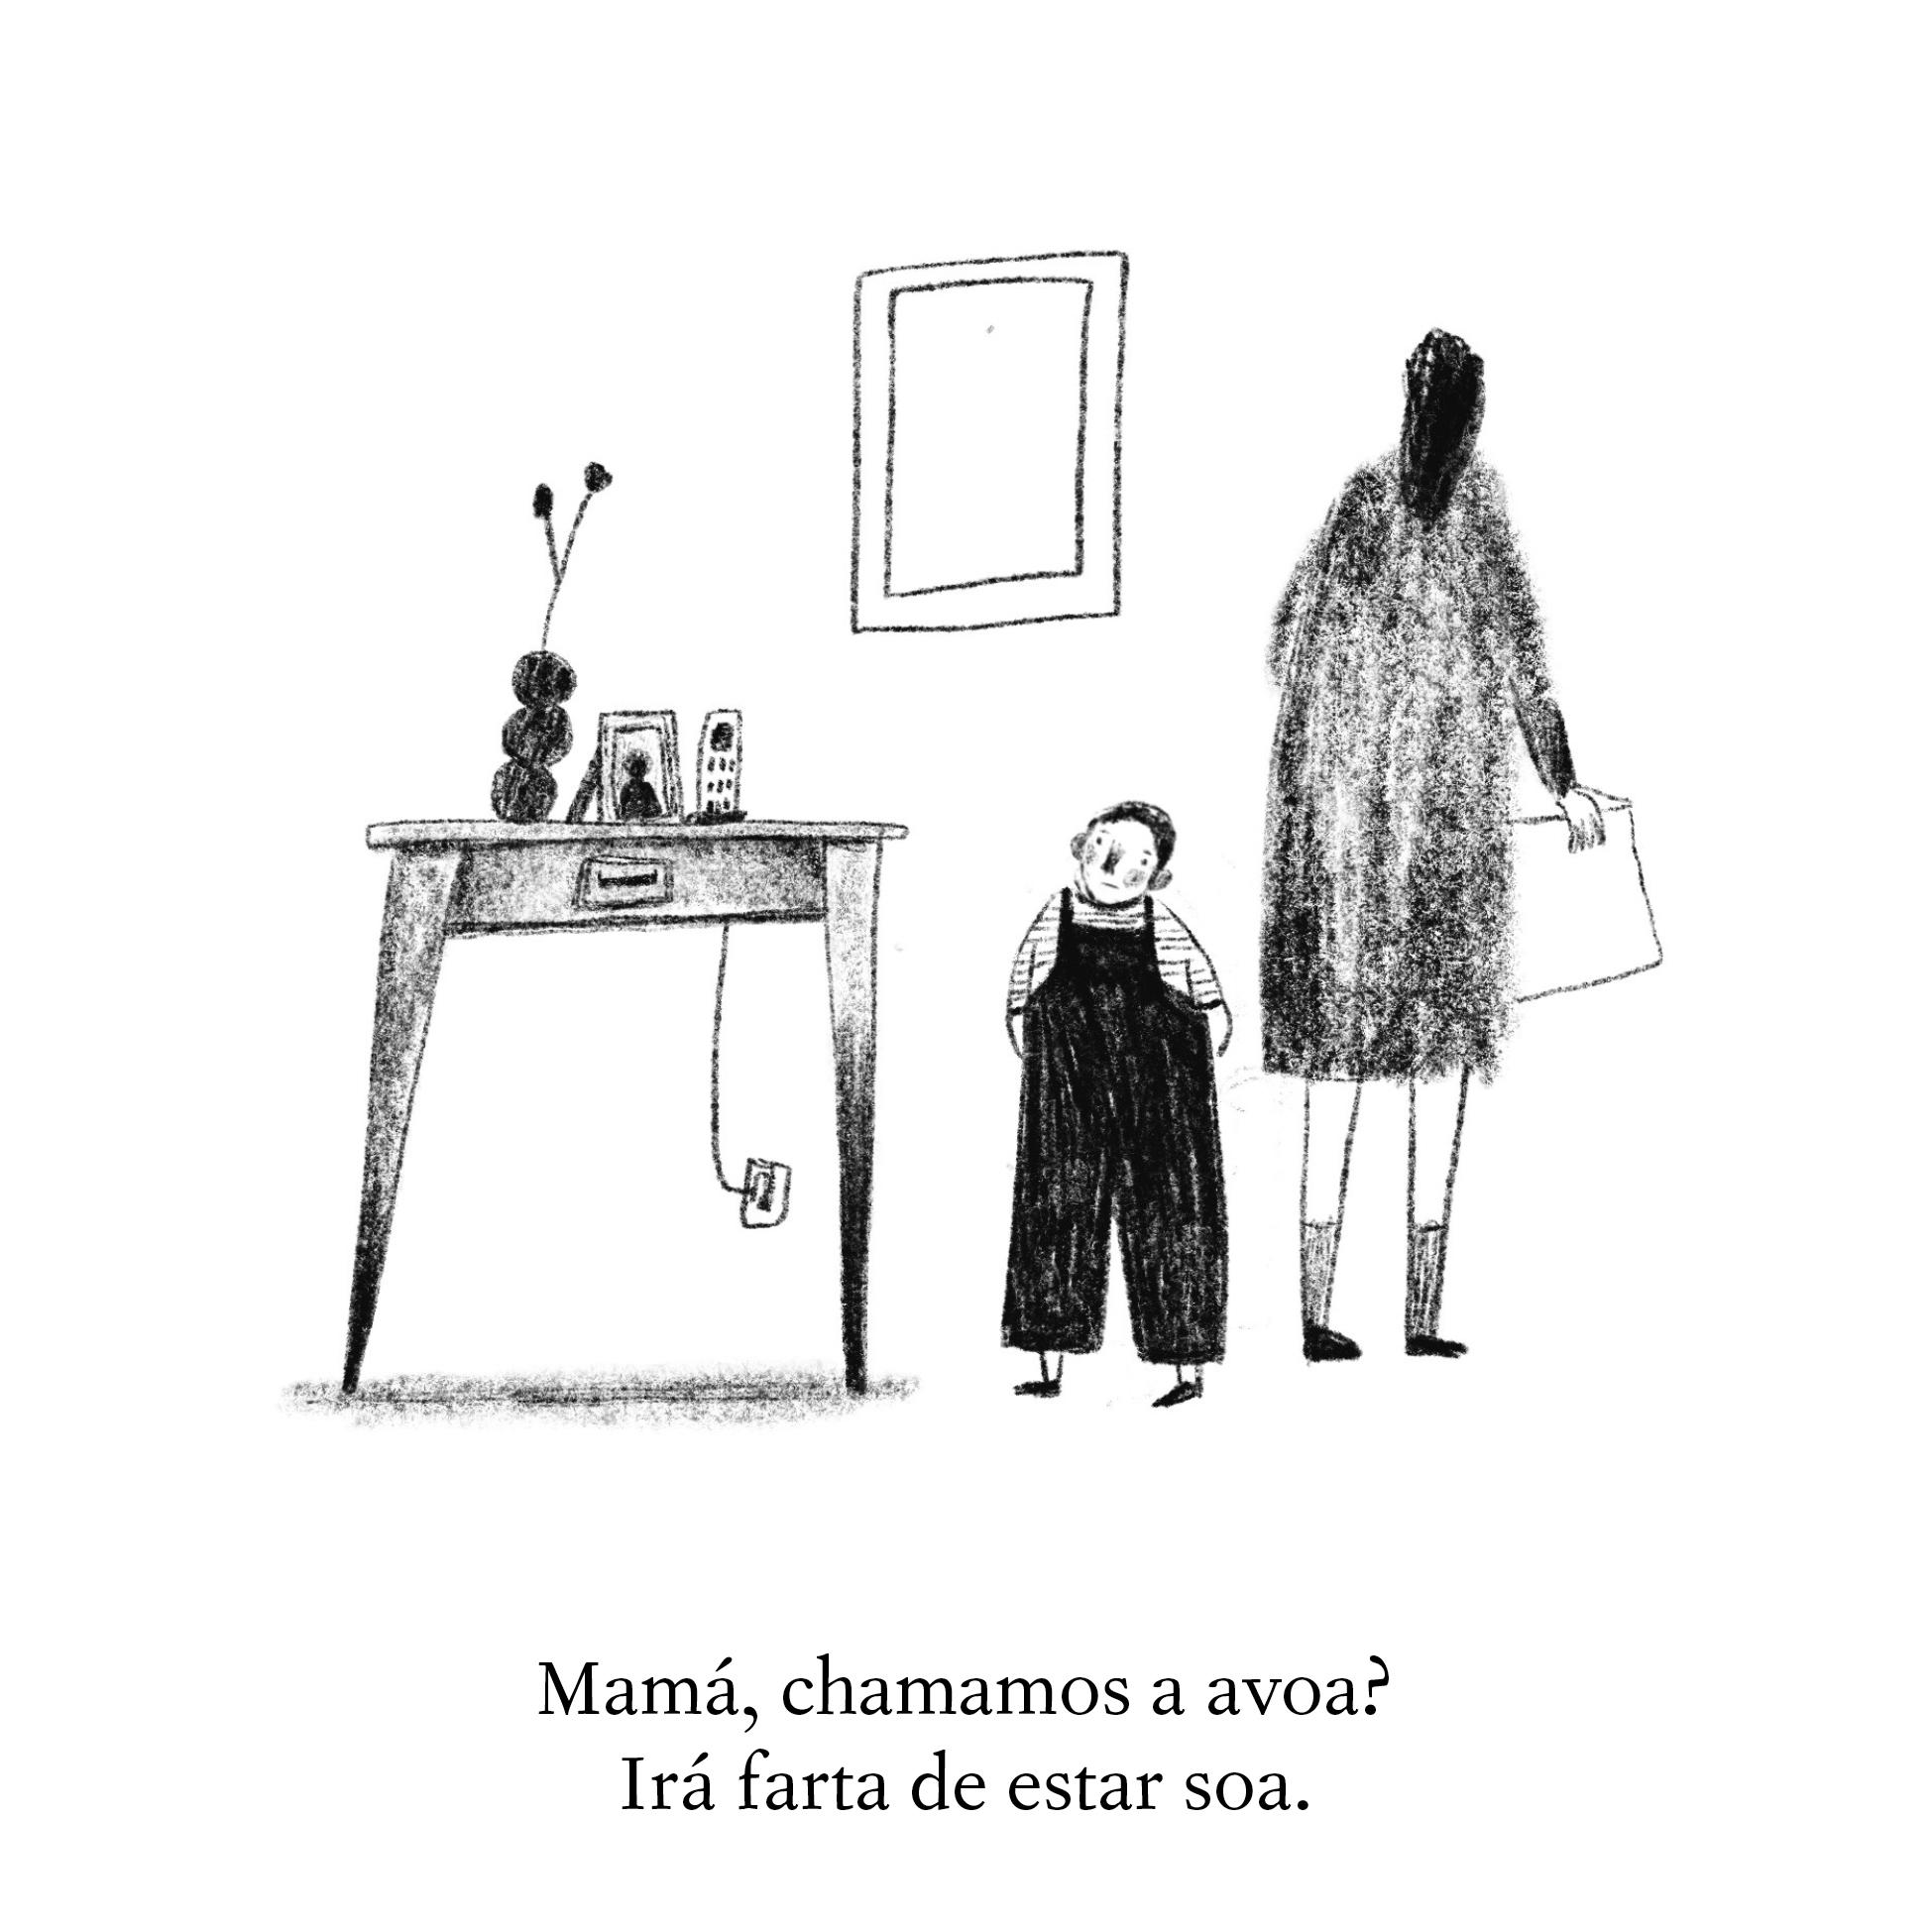 #euquedonacasa - séptimo